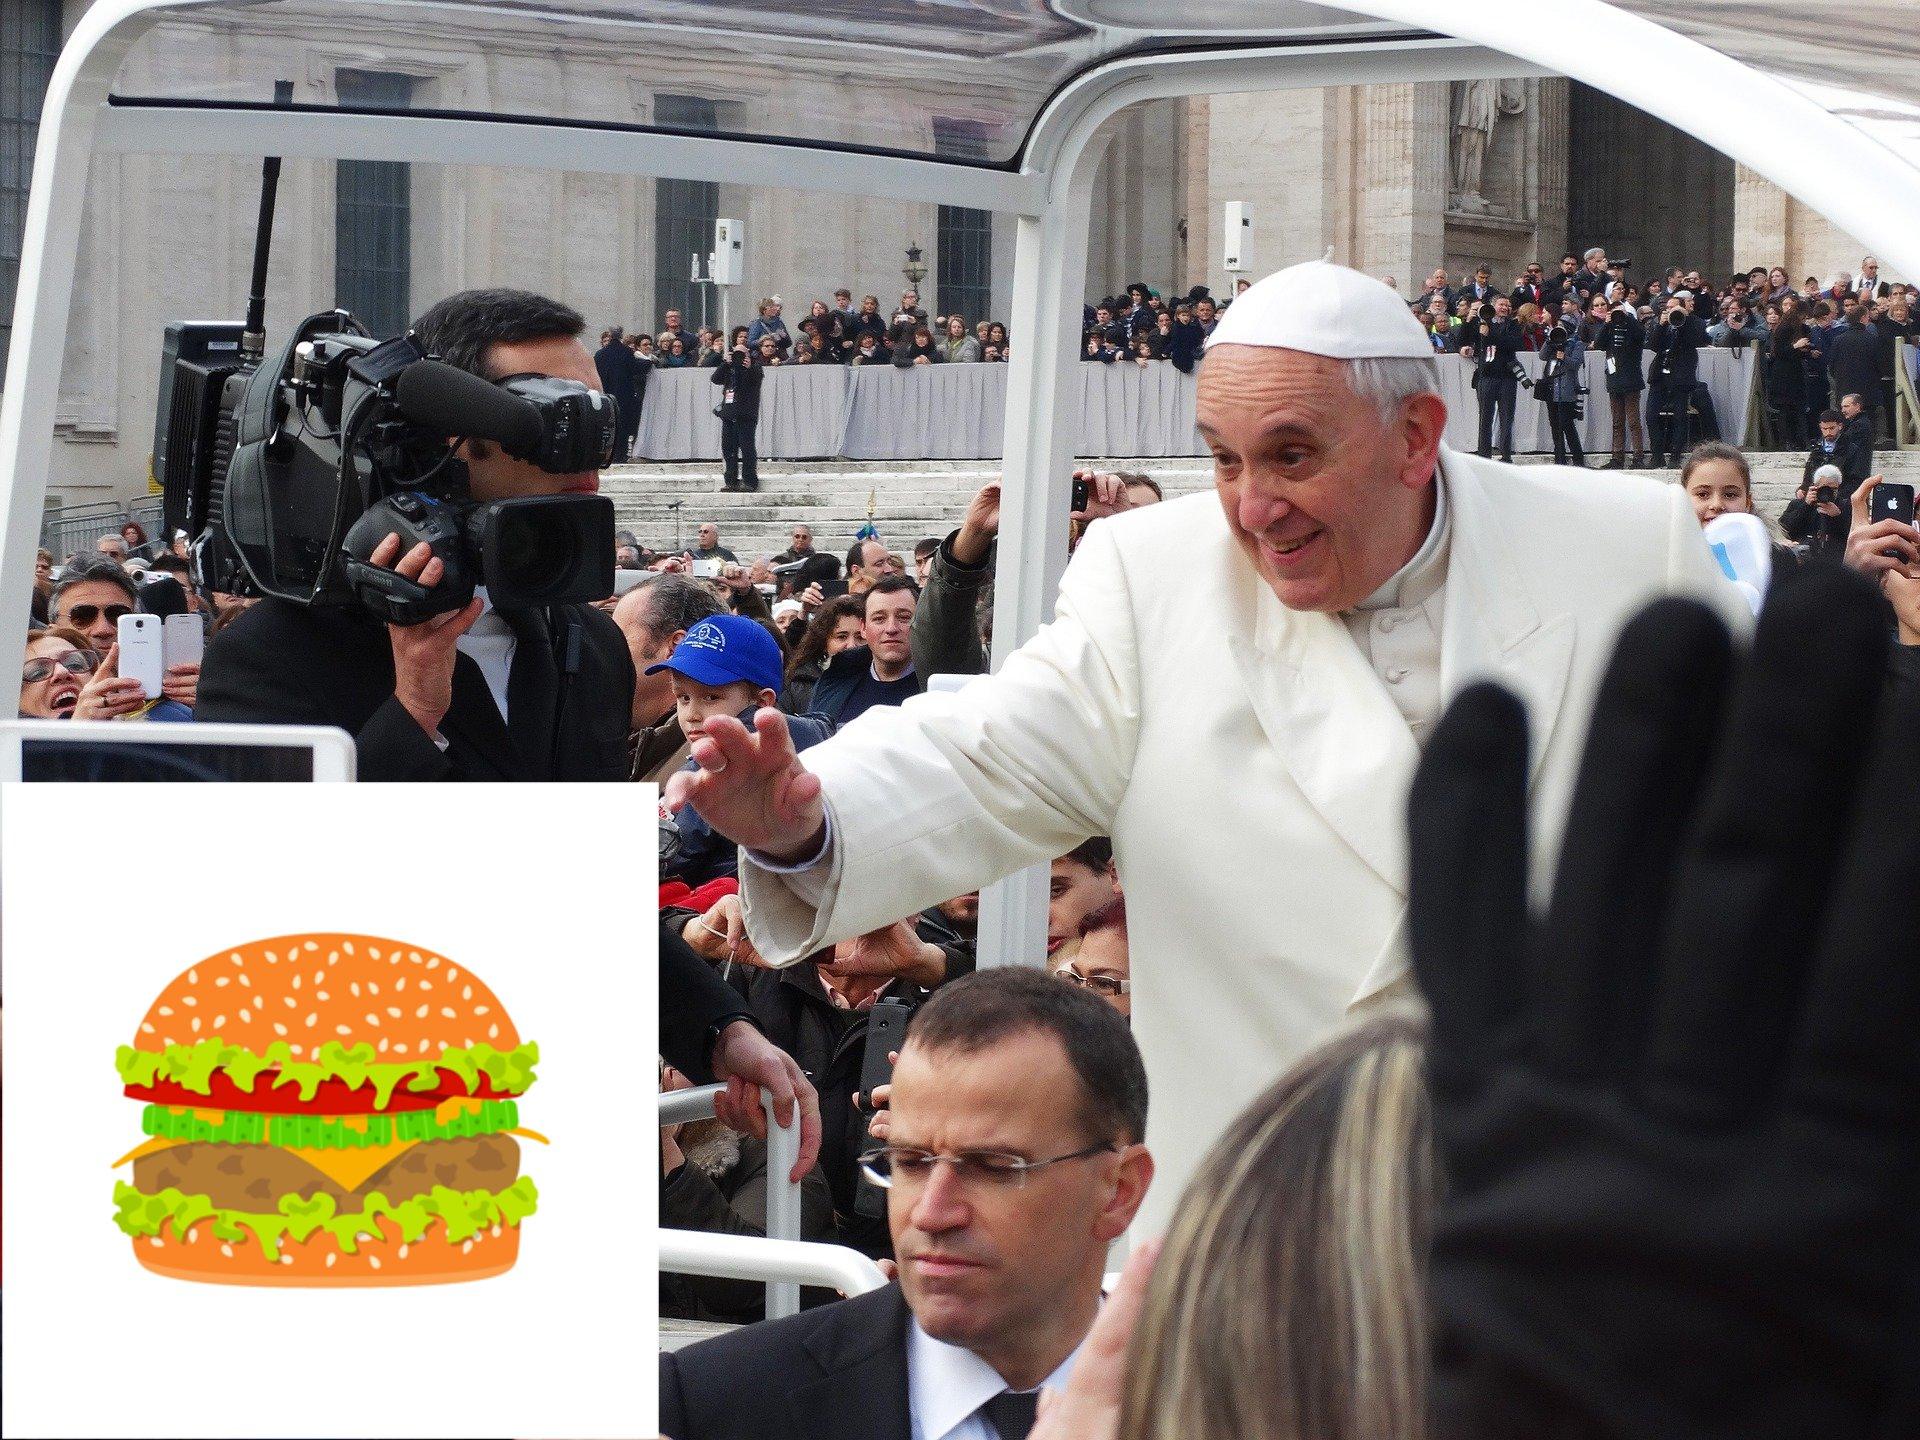 Jak se k hamburgerům postaví papež?